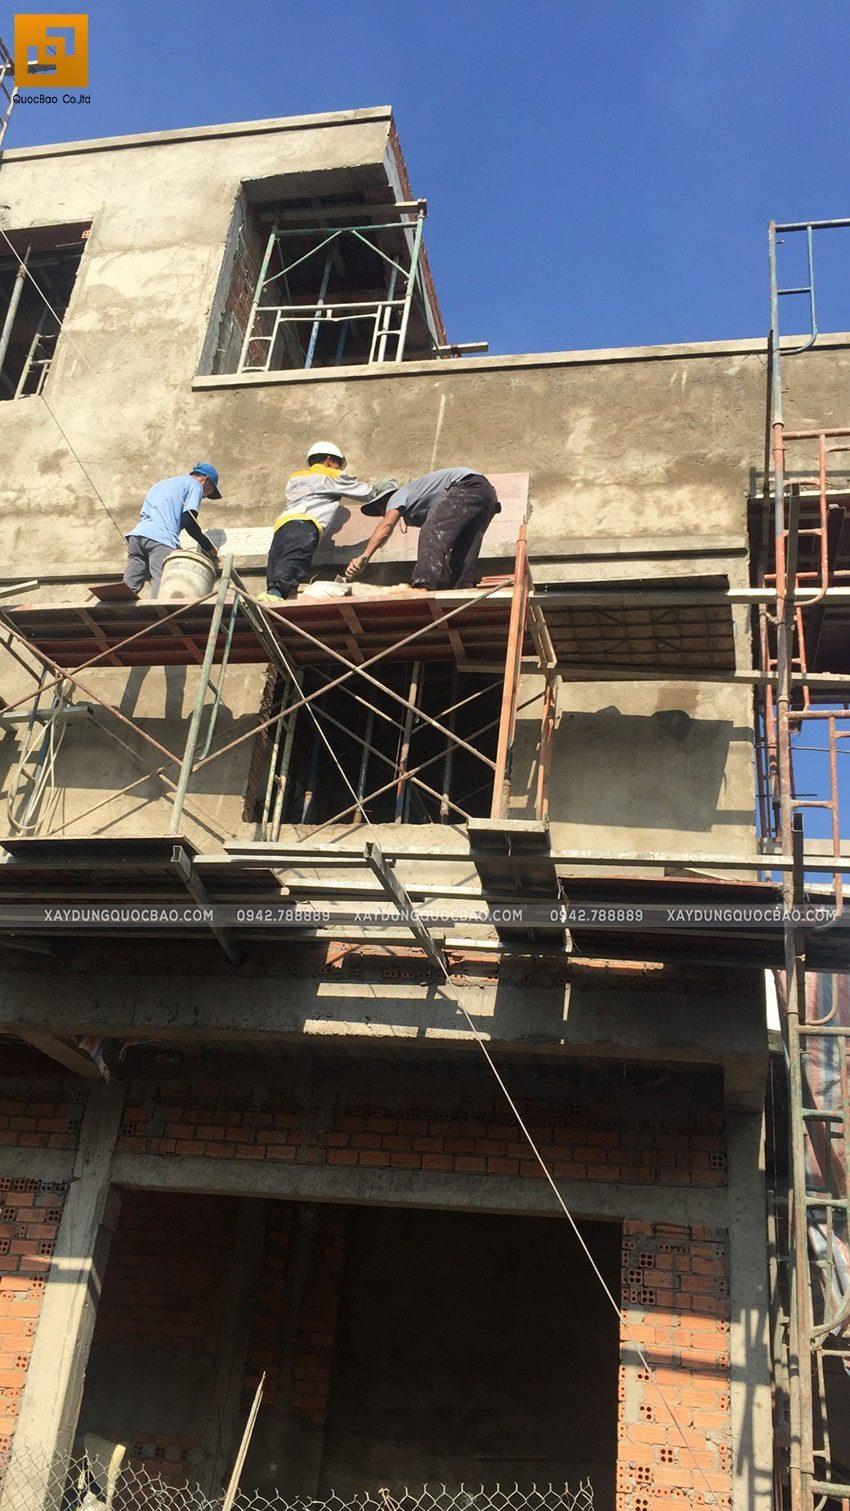 Thi công ốp gạch trang trí bên ngoài nhà - Ảnh 2